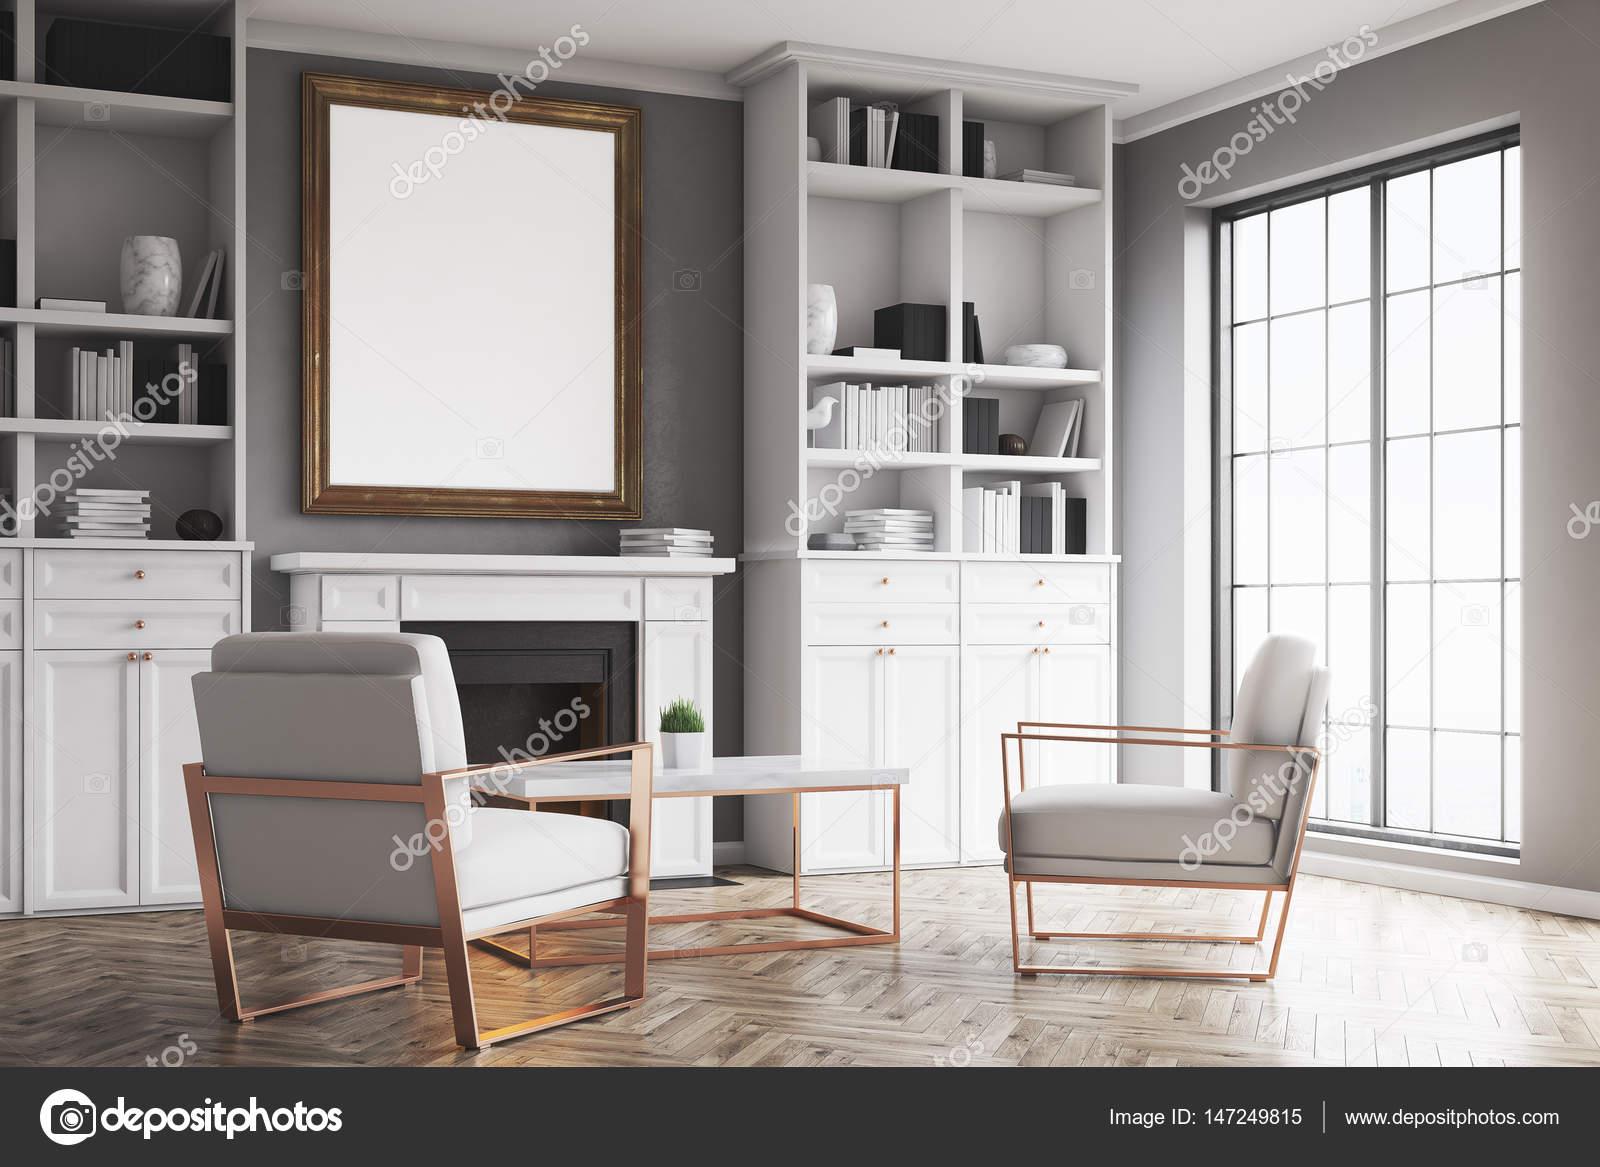 Grijze Muur Woonkamer : Woonkamer met grijze muren en een fauteuil u2014 stockfoto